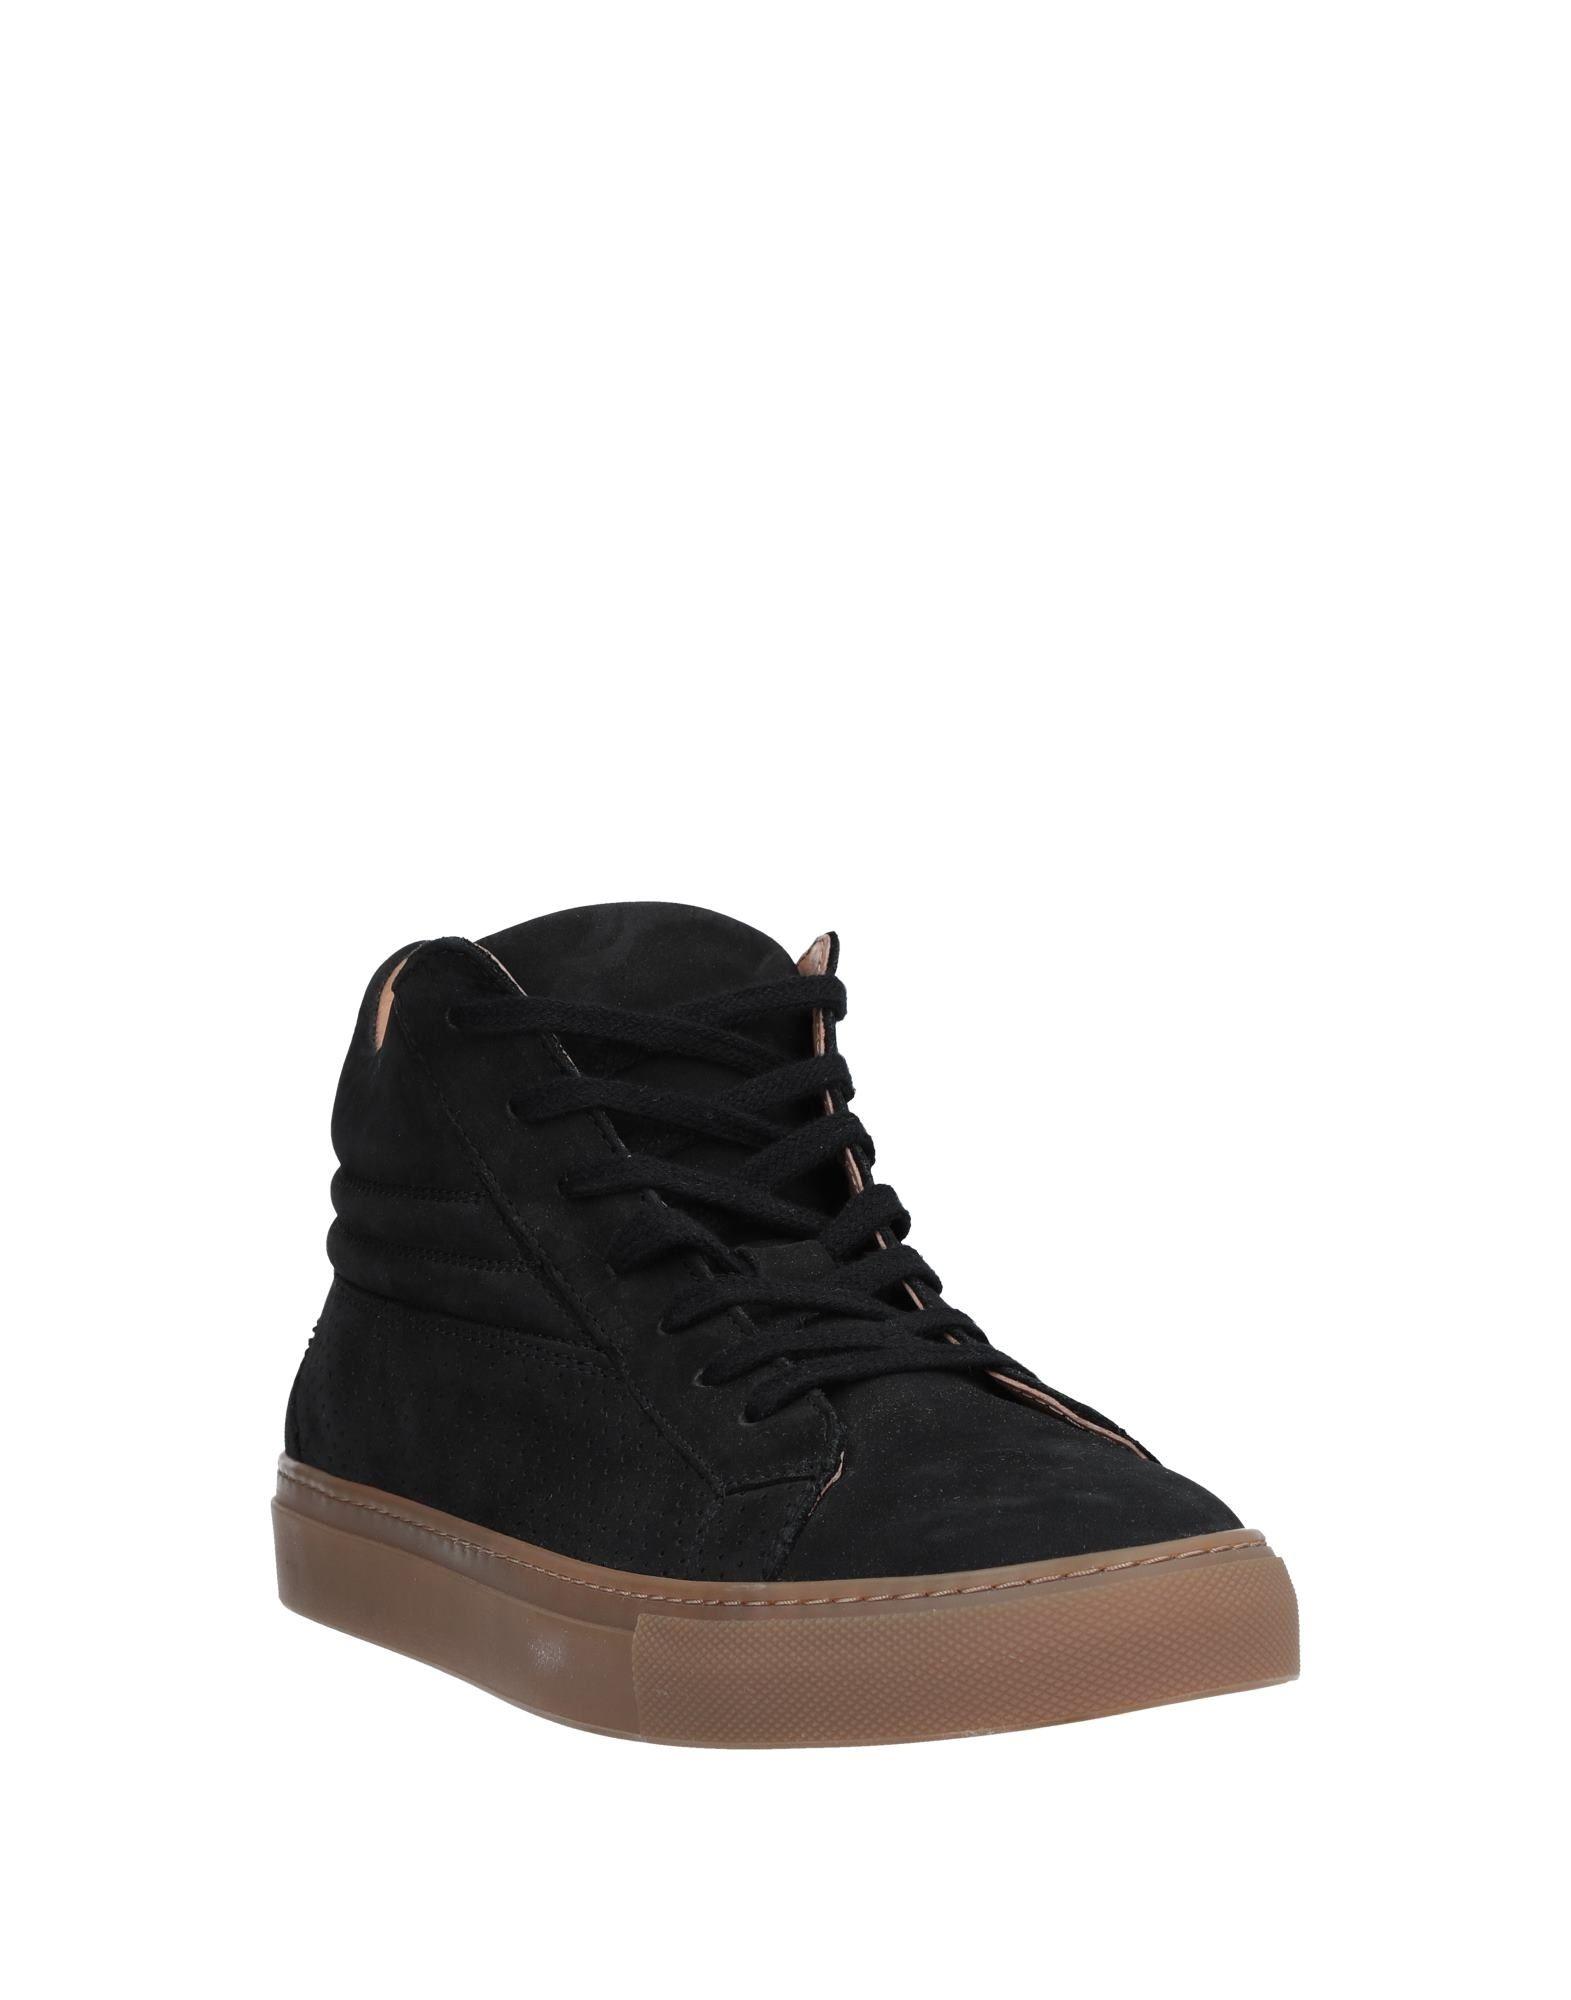 Rabatt Homme echte Schuhe Selected Homme Rabatt Sneakers Herren  11537175XA b5487f